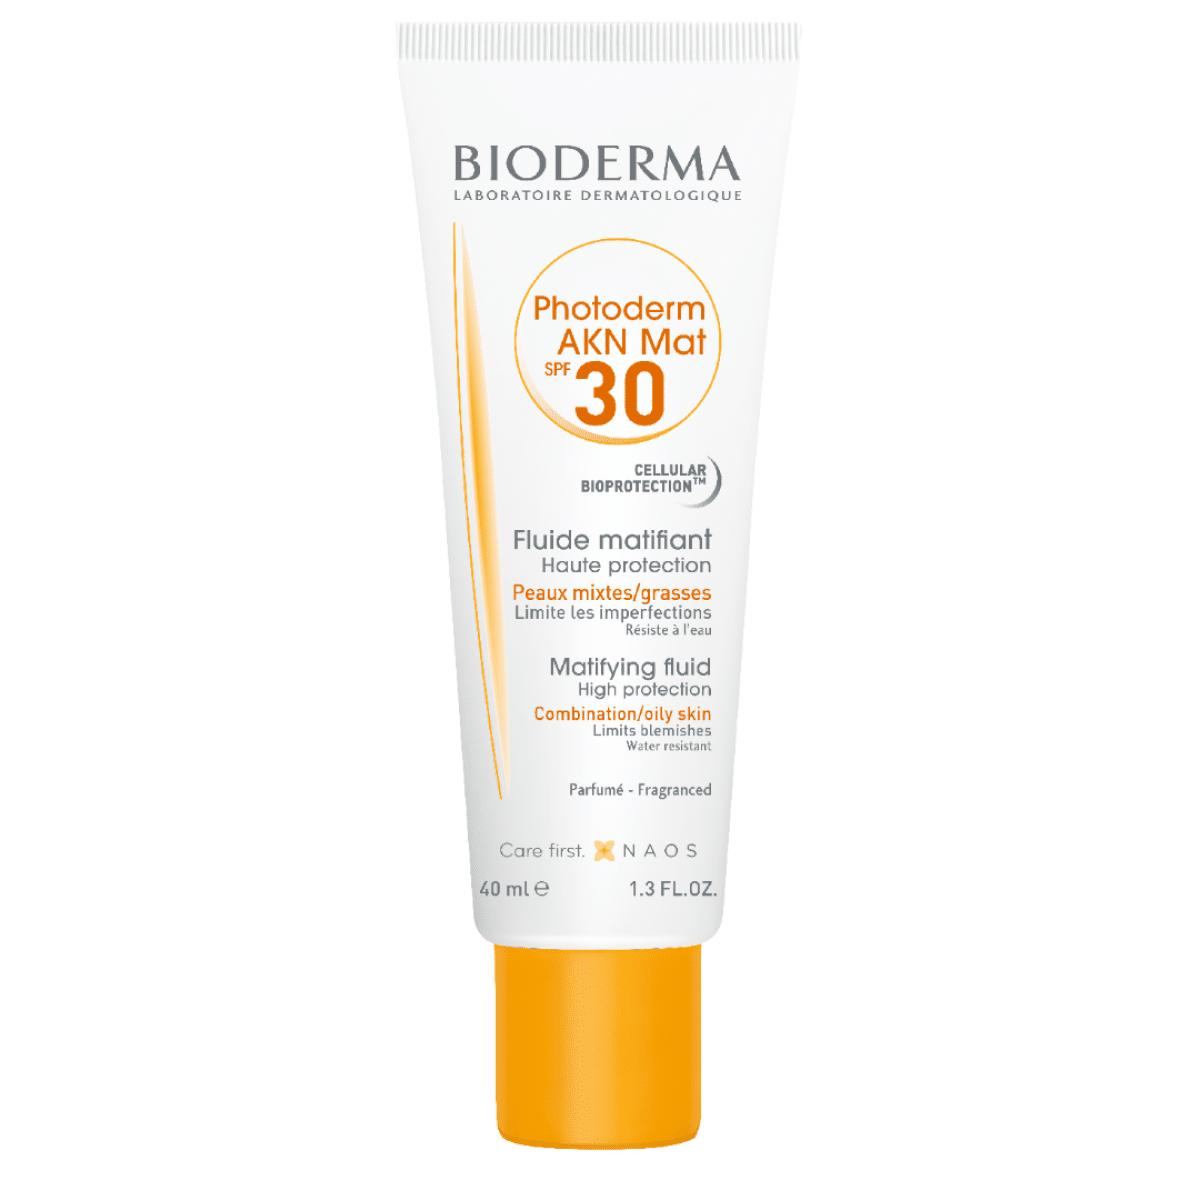 BIODERMA Photoderm AKN Mat SPF 30 saules aizsargfluids 40 ml